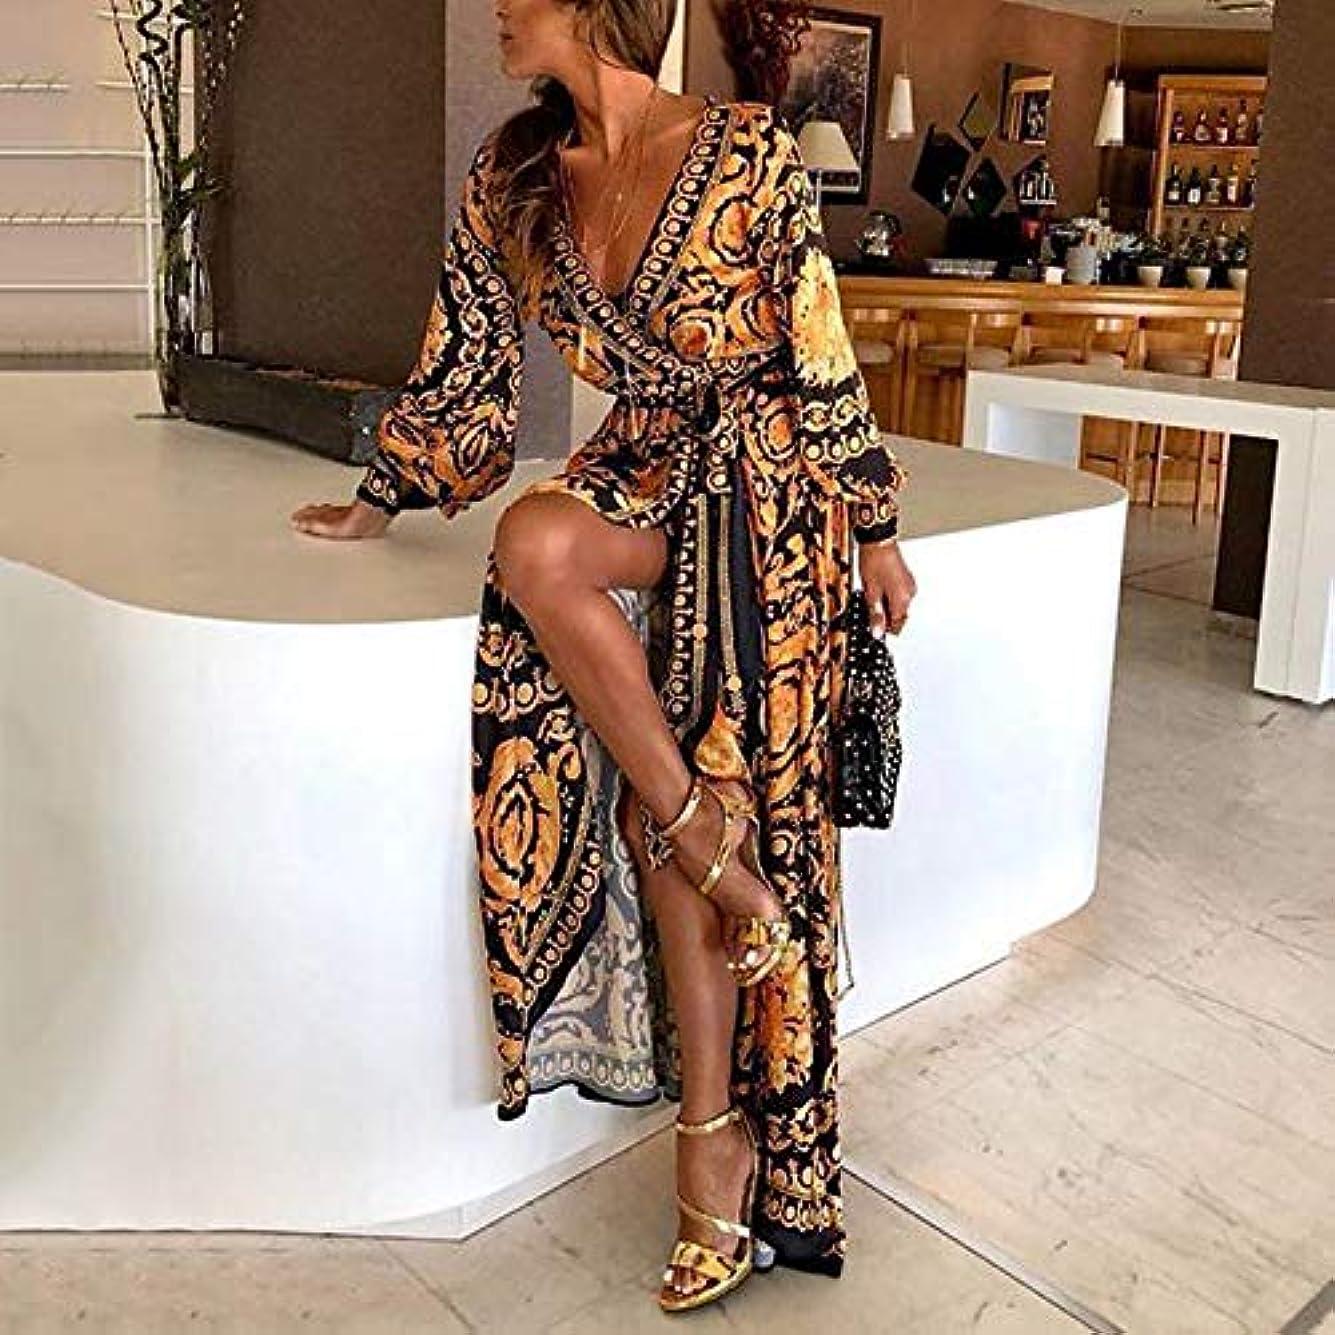 ラフレシアアルノルディ死ぬ世界に死んだMaxcrestas - ファッションエレガントな女性のセクシーなボートネックグリッターディープVネックドレスパーティーフォーマルロングドレスを印刷